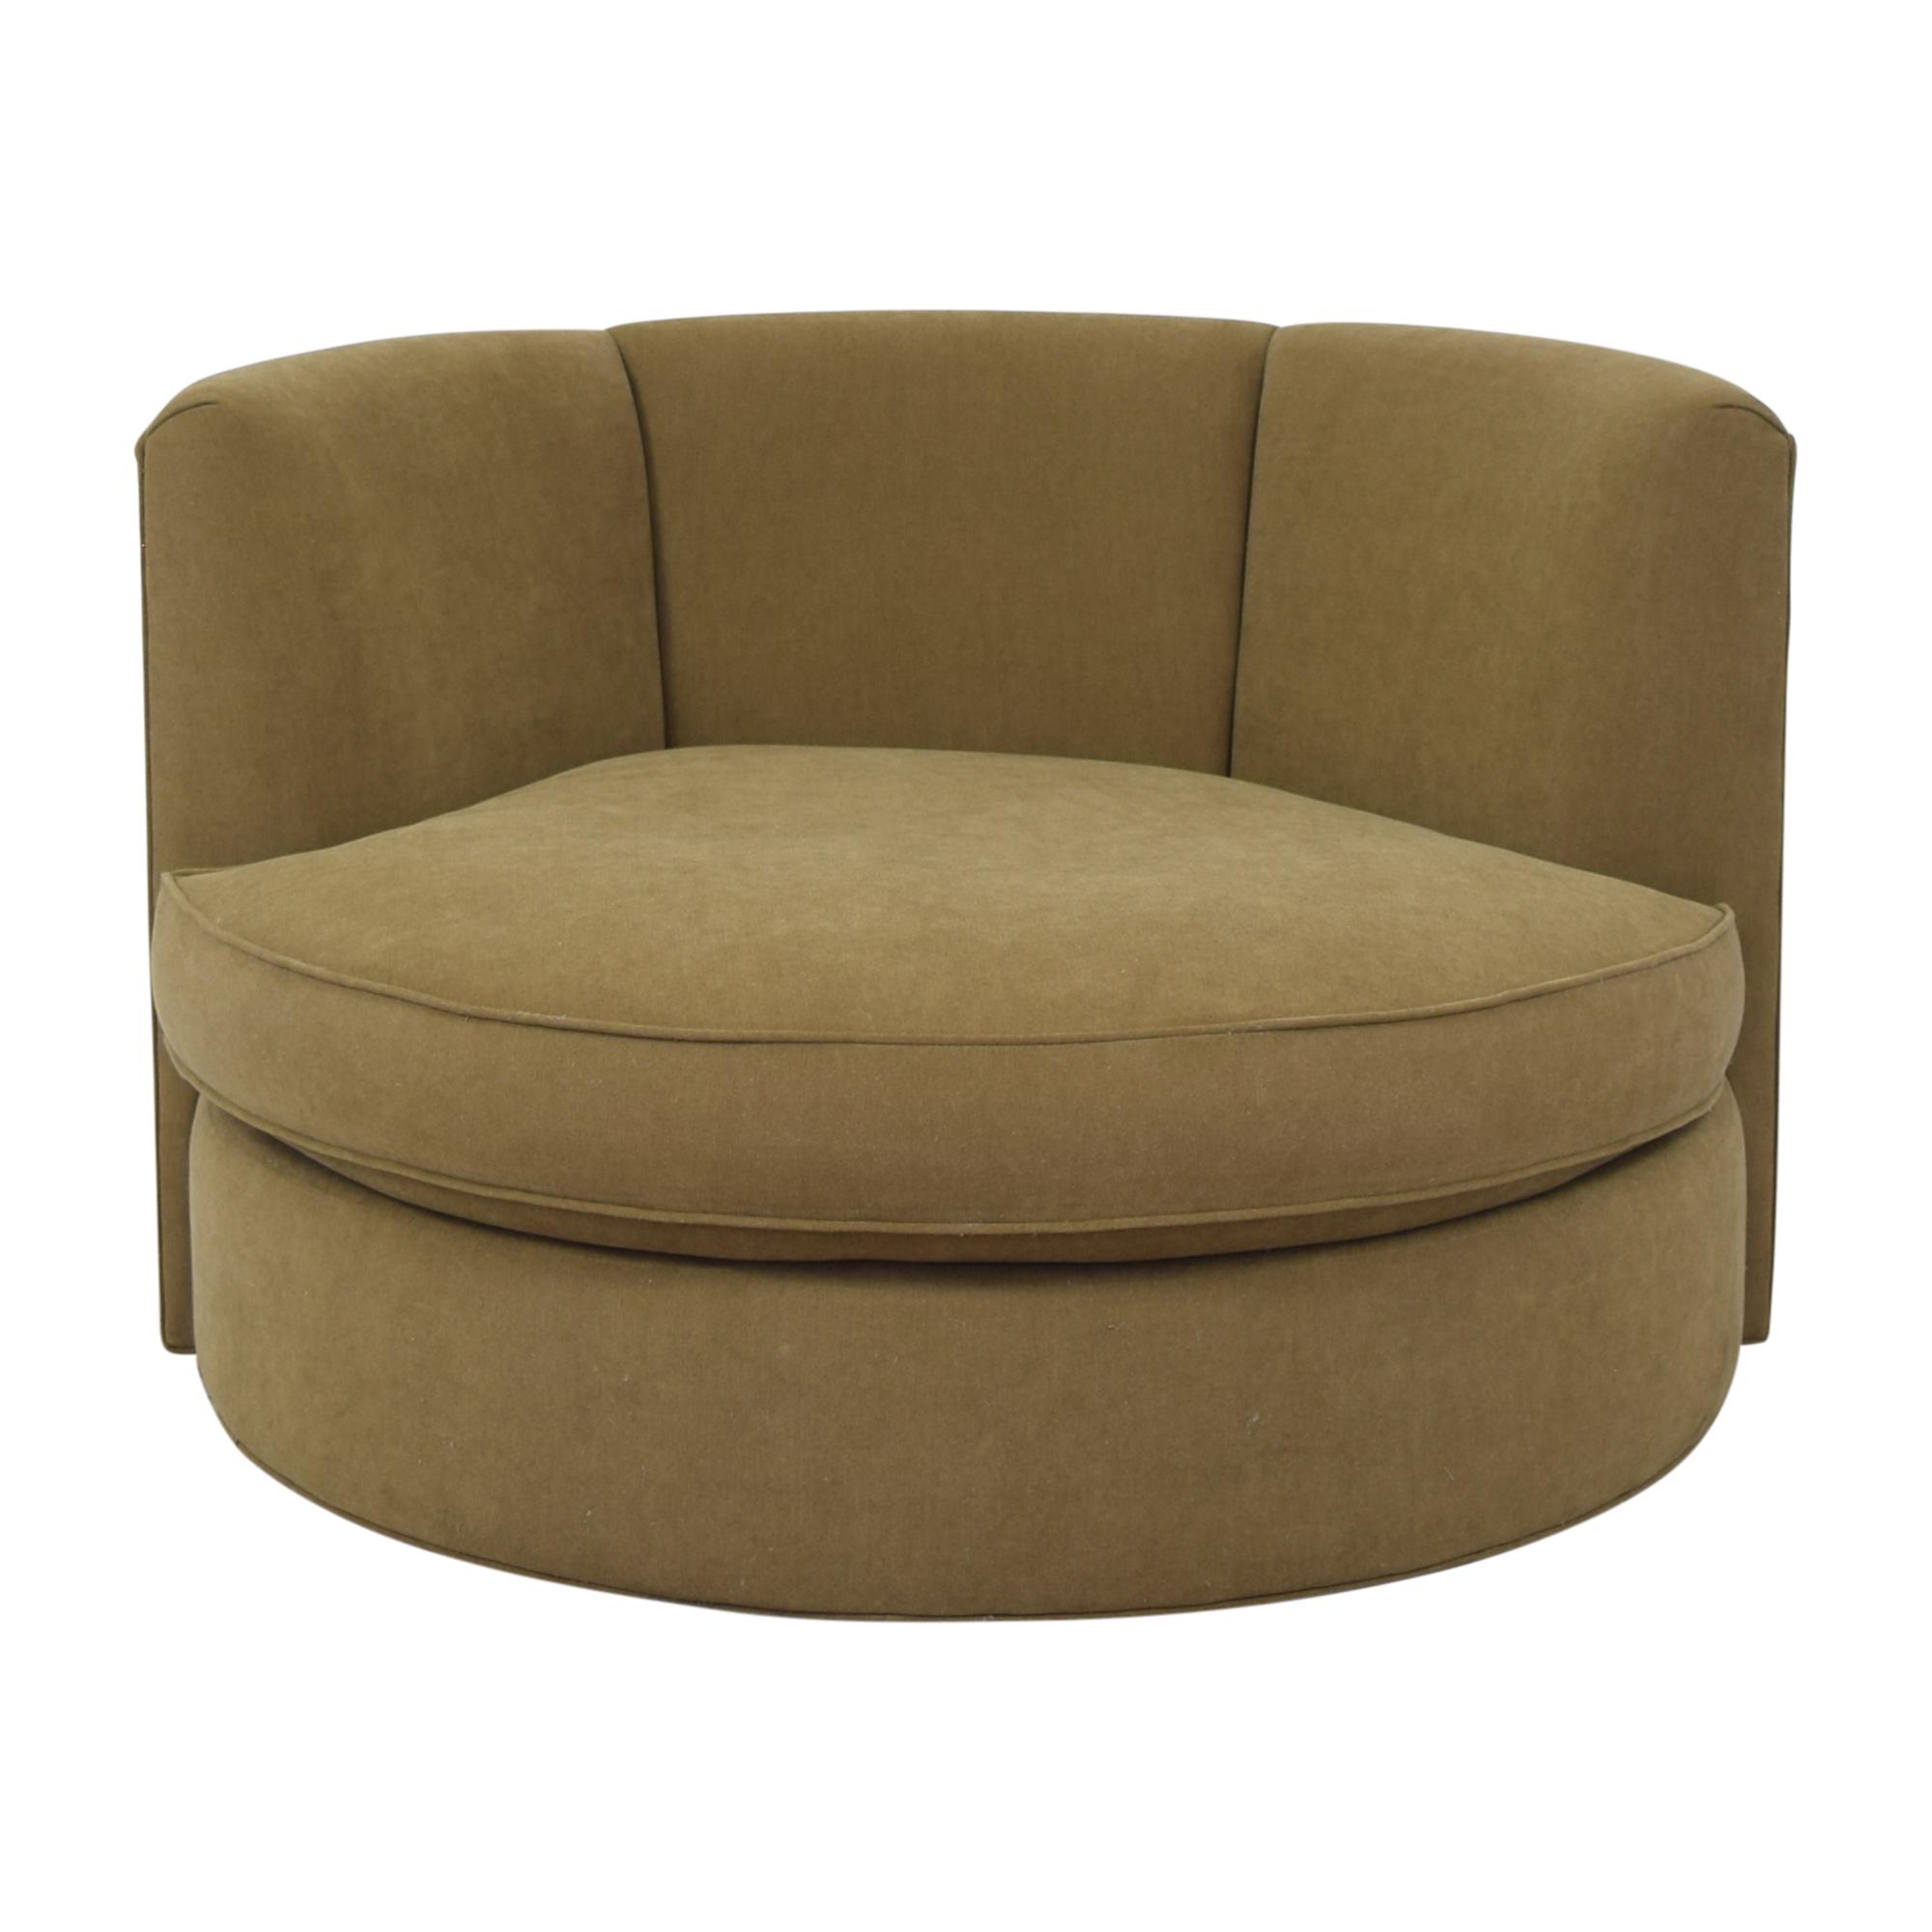 Room & Board Room & Board Eos Swivel Chair on sale